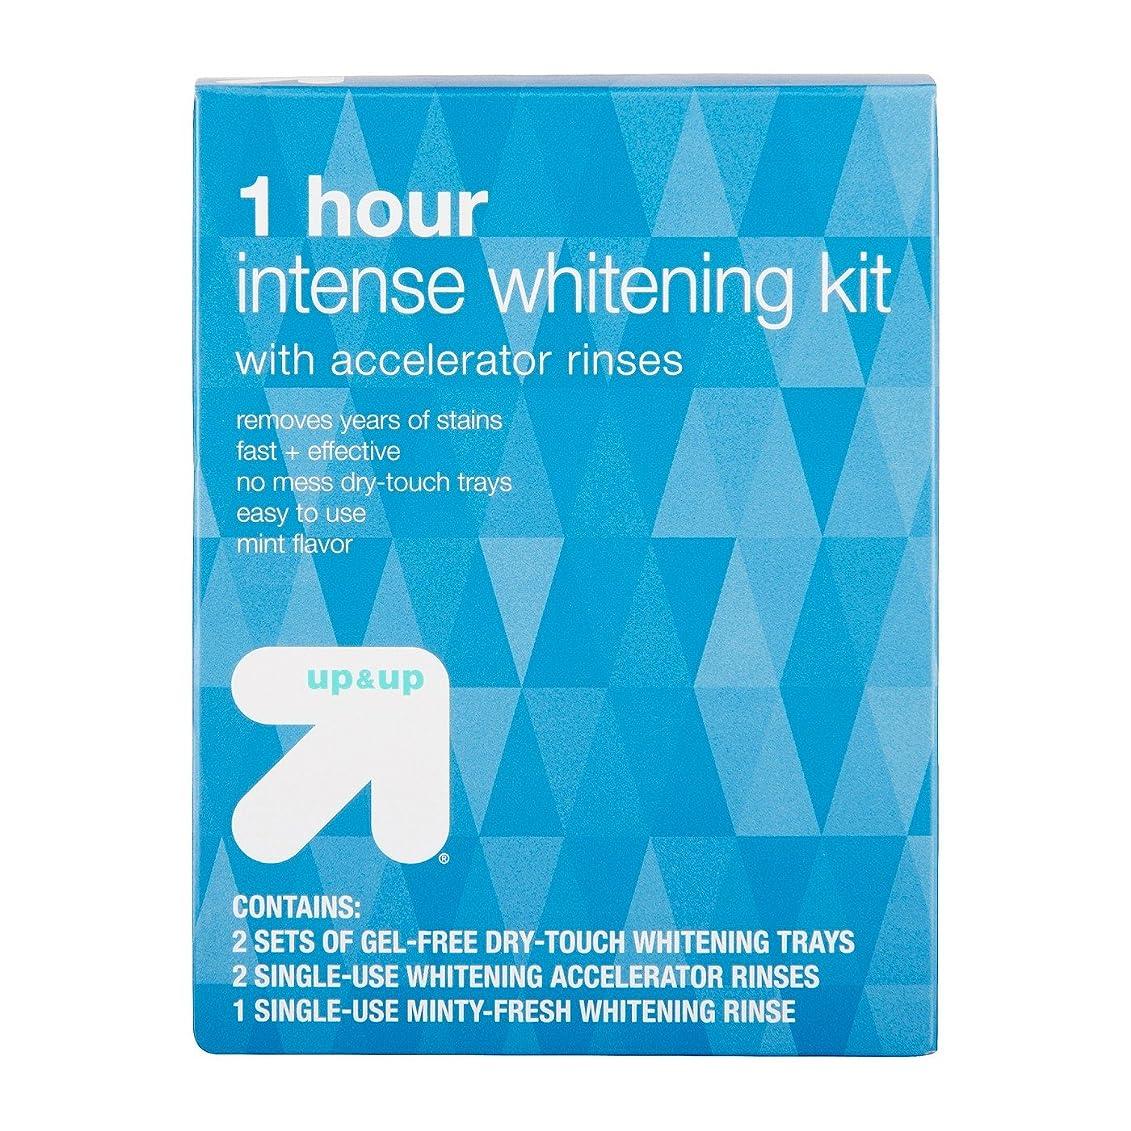 前方へそれに応じてウェイドたった1時間で効果がわかる アップ&アップ ホワイトニングキット 1-Hour Intense Teeth Whitening Kit - up & up